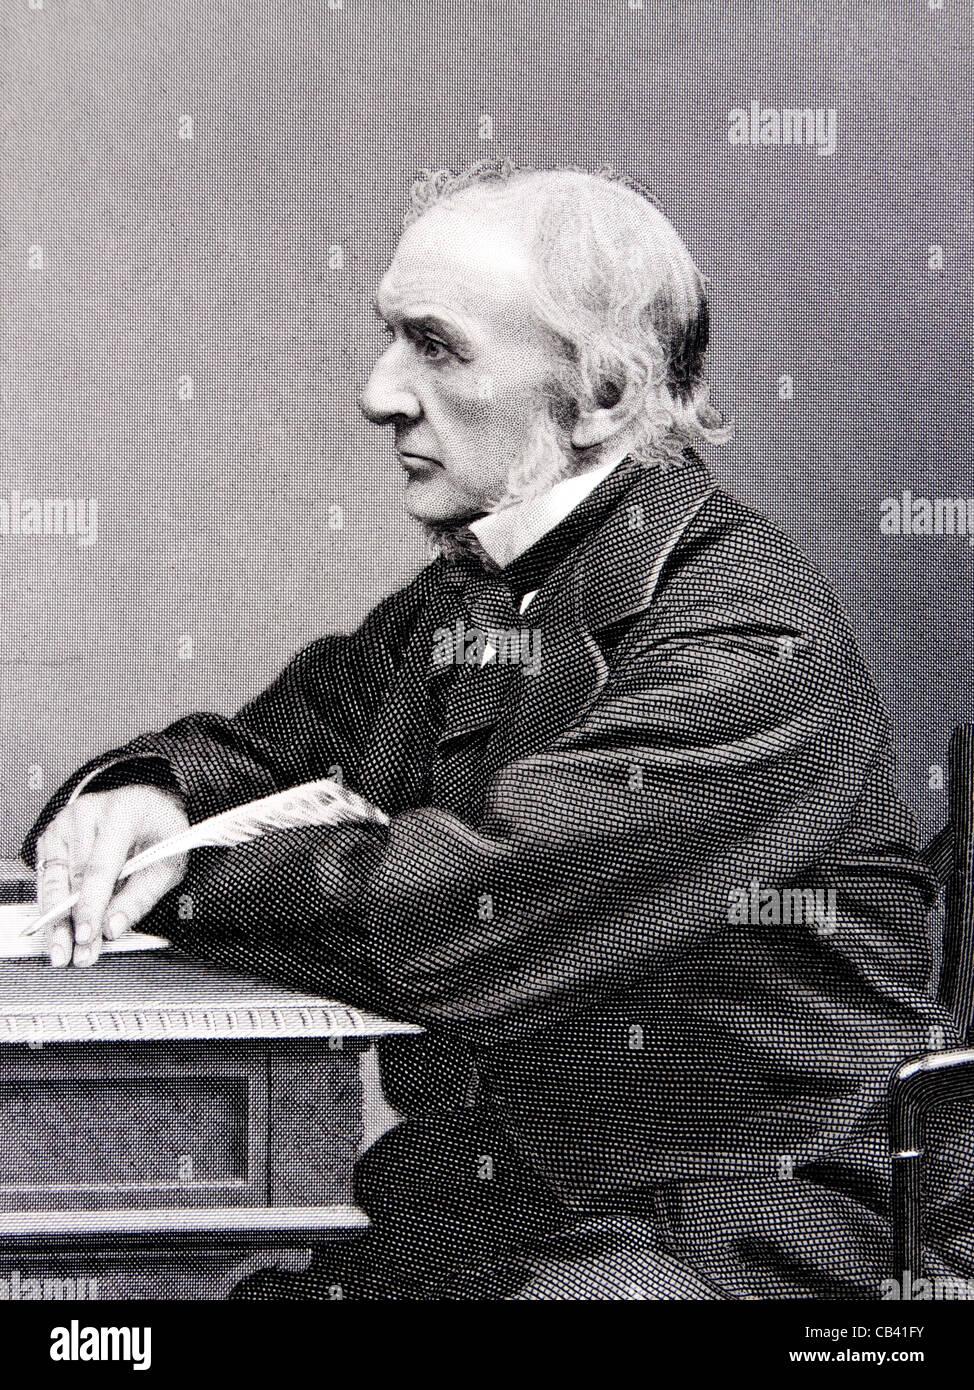 Grabado antiguo del Honorable William Ewart Gladstone MP (1809-1898), el Primer Ministro Británico Imagen De Stock